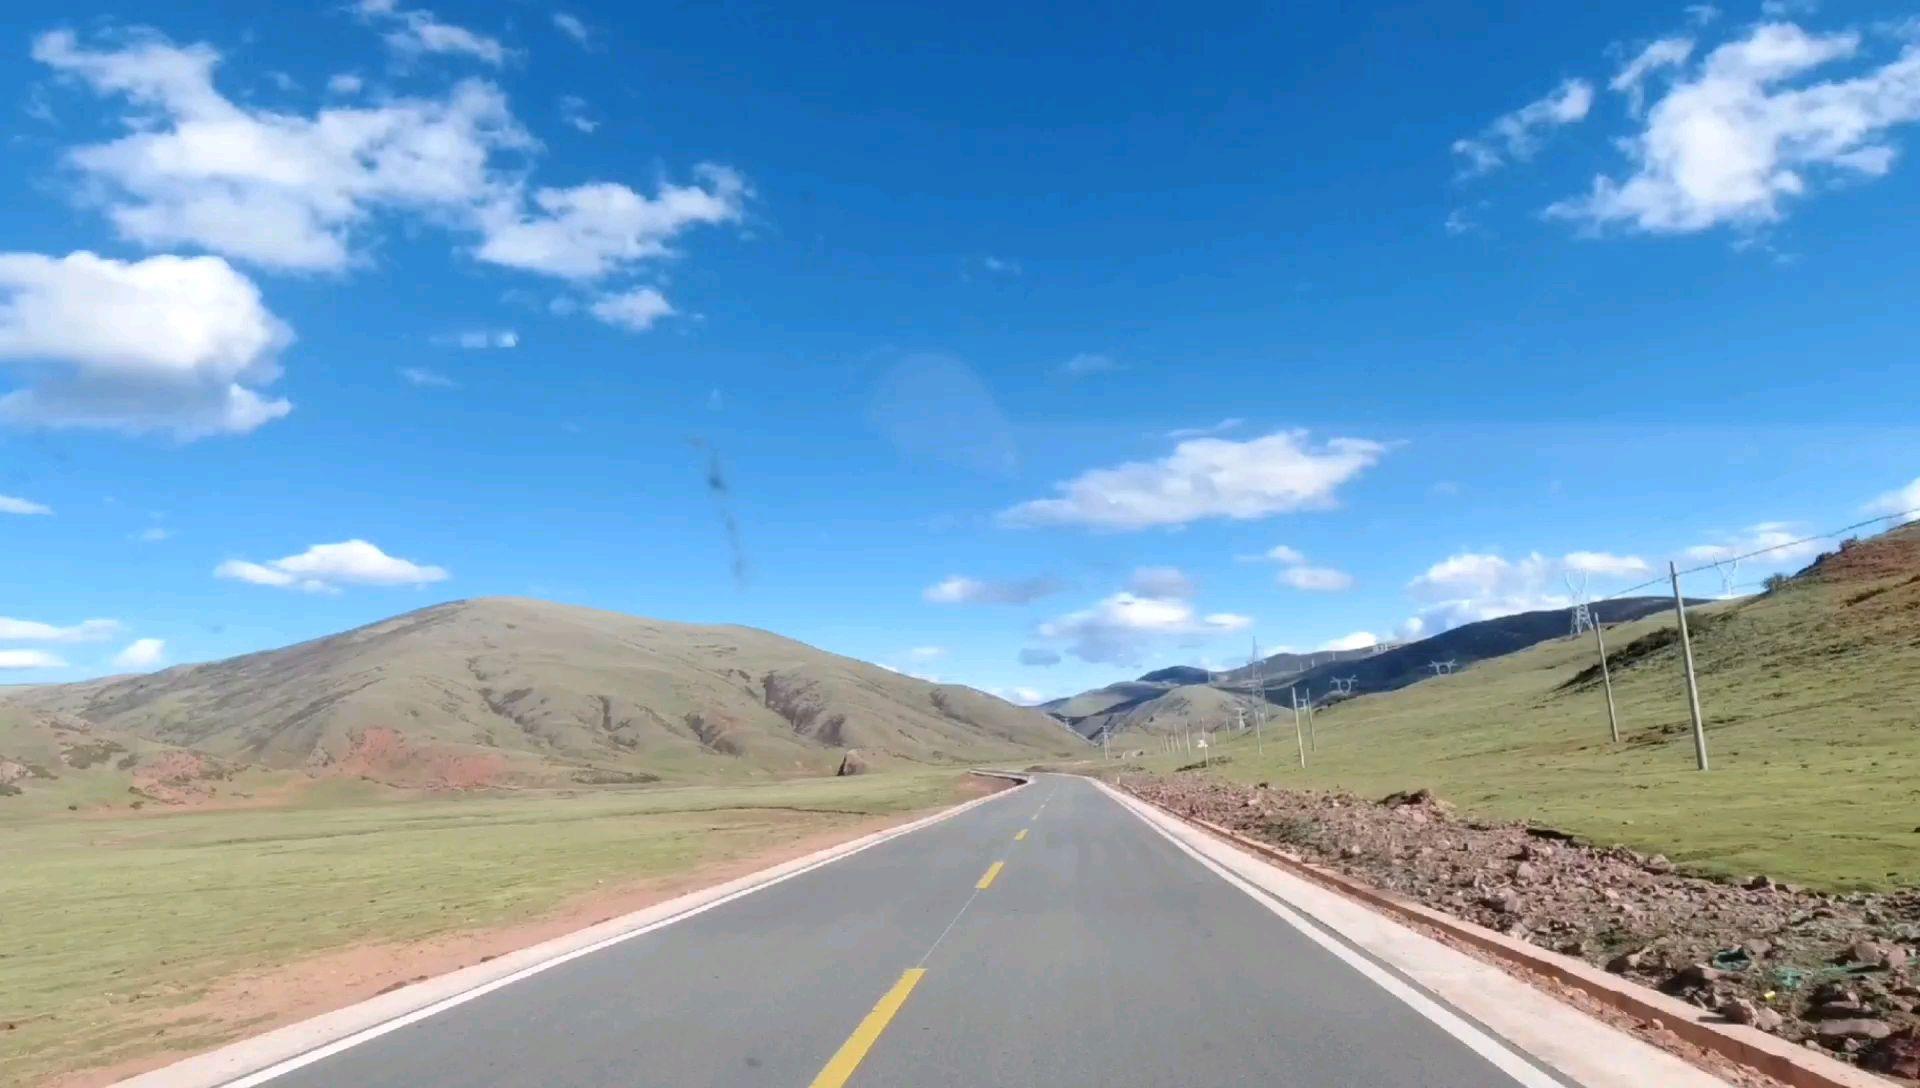 面包车旅行西藏40天,花费了多少,走了多少公里